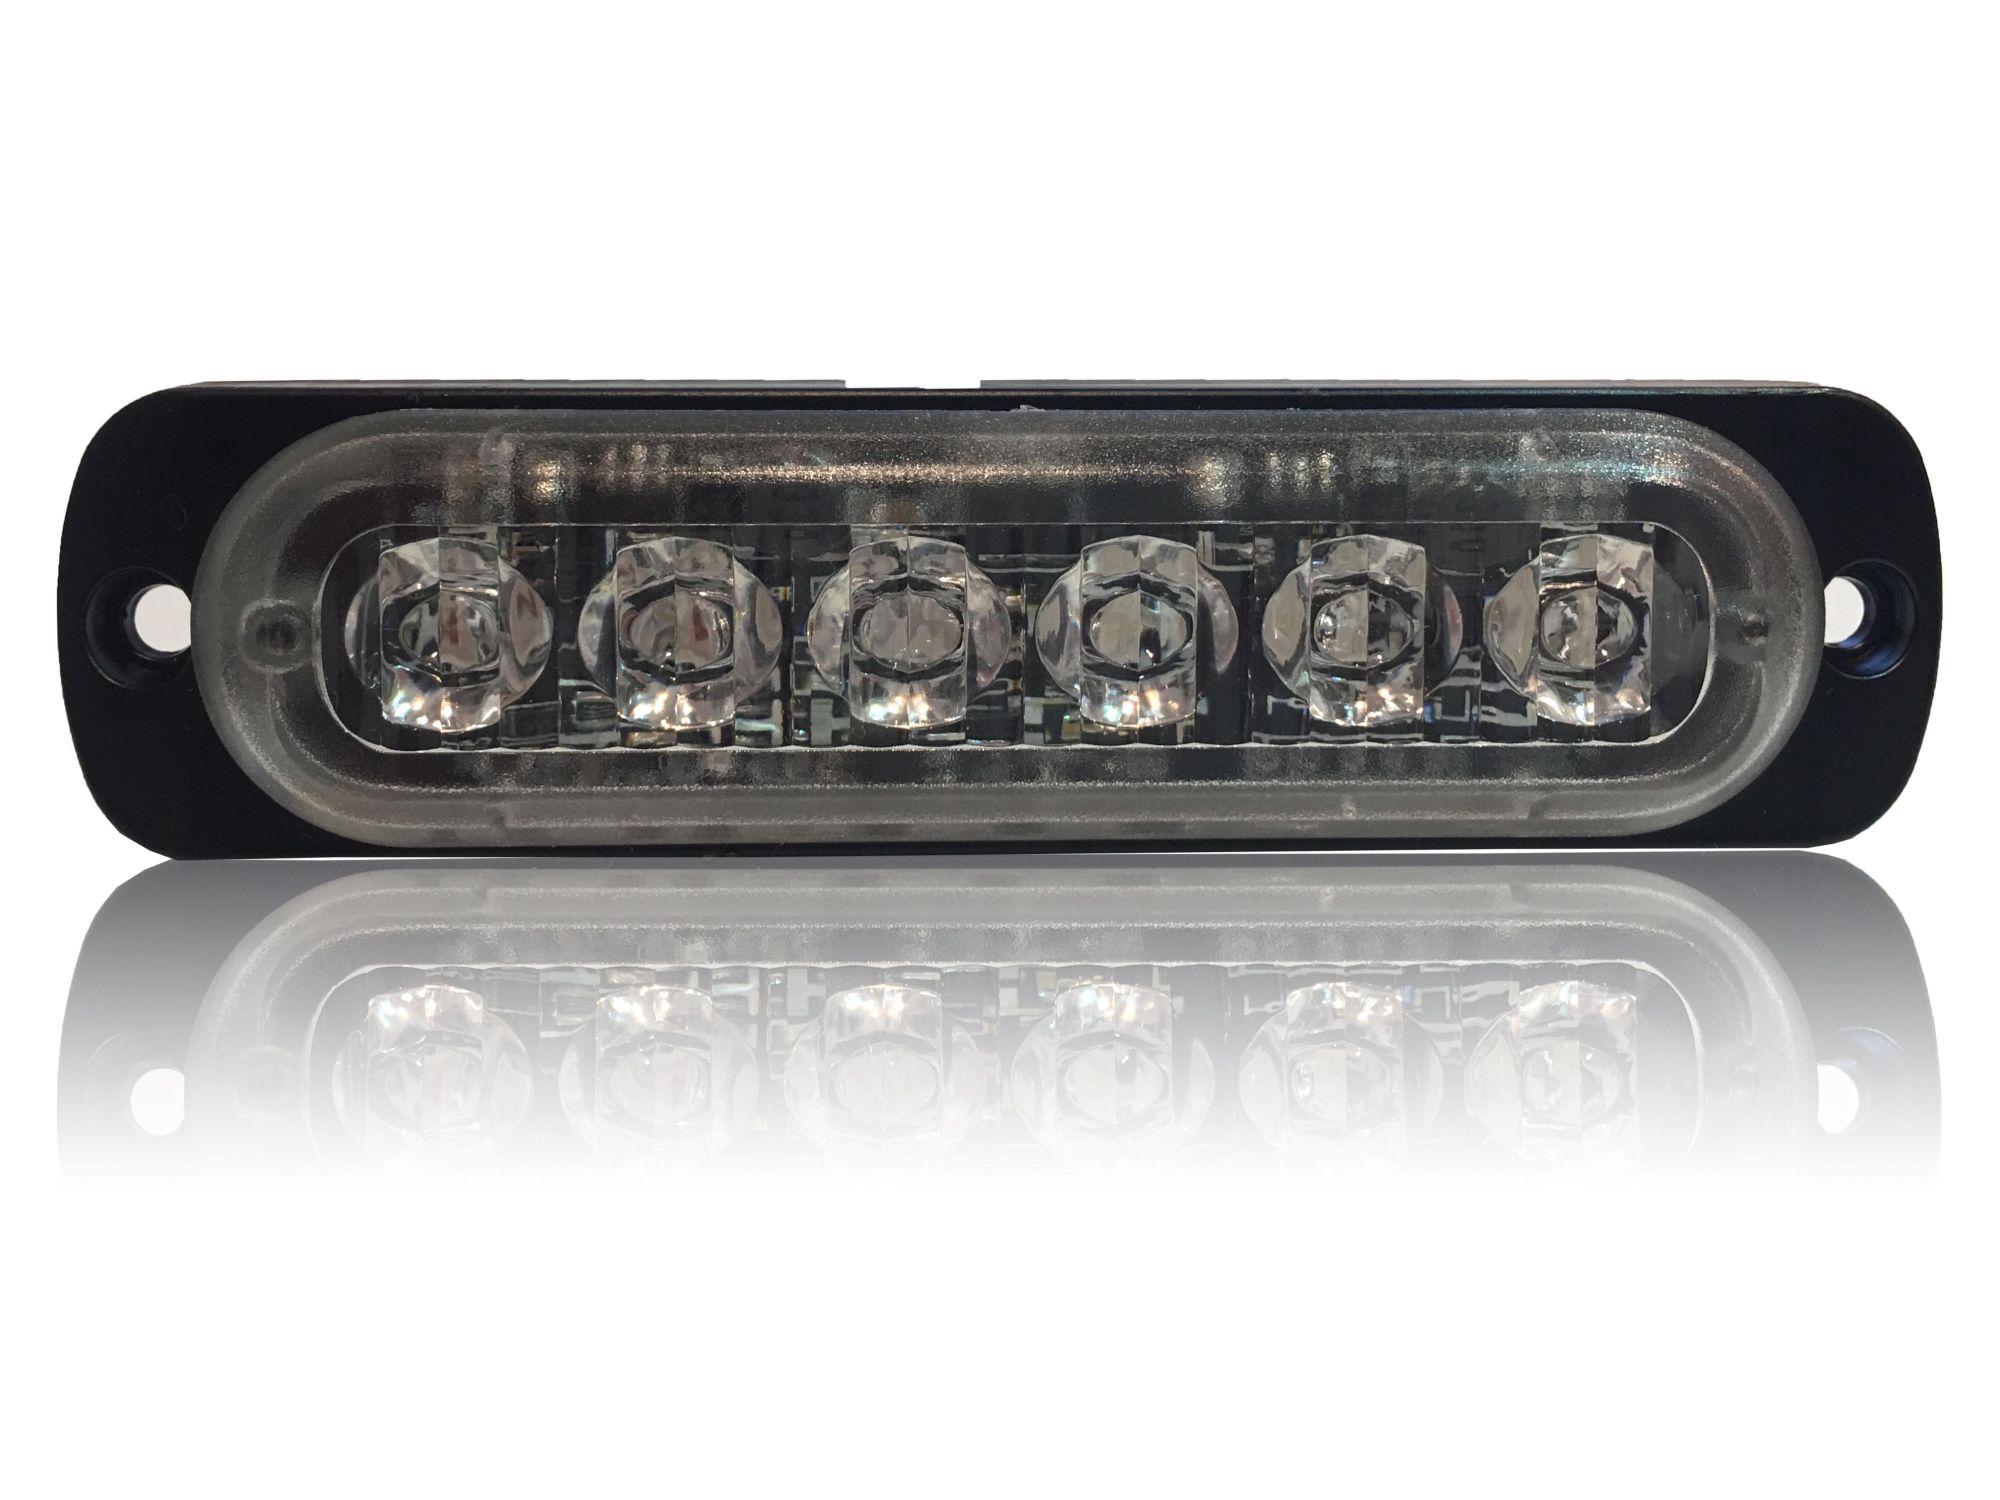 hight resolution of damega flex 6 grille light